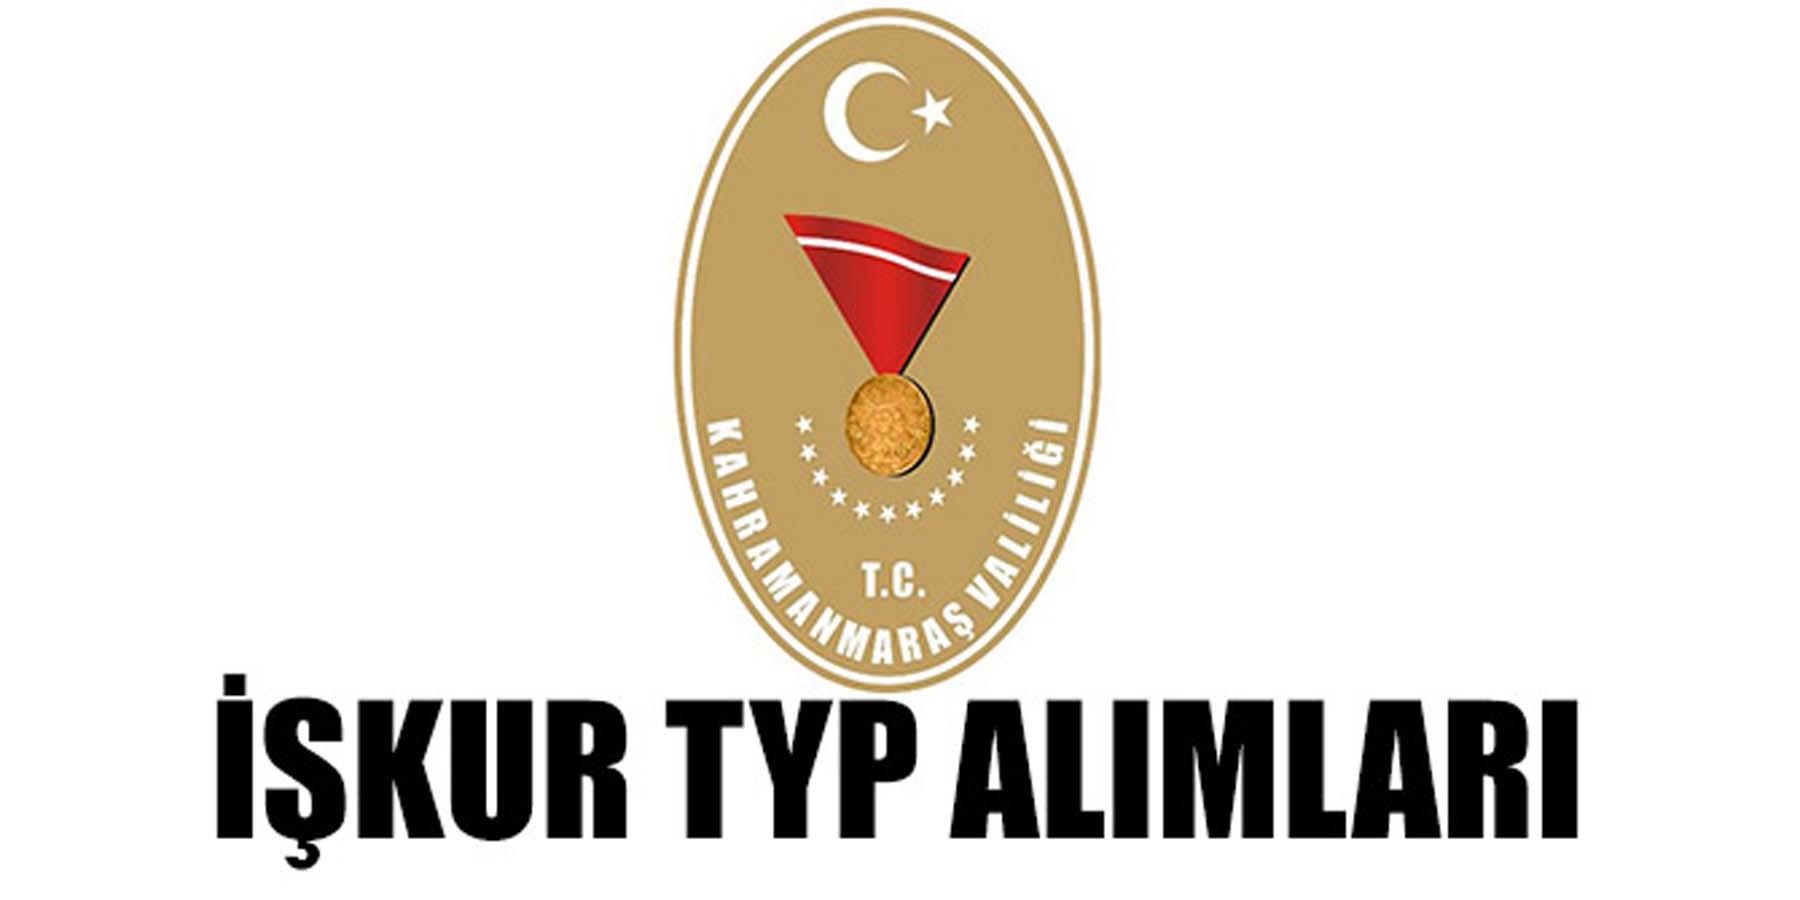 Kahramanmaraş TYP İŞKUR 900 Kamu Personel Alımı